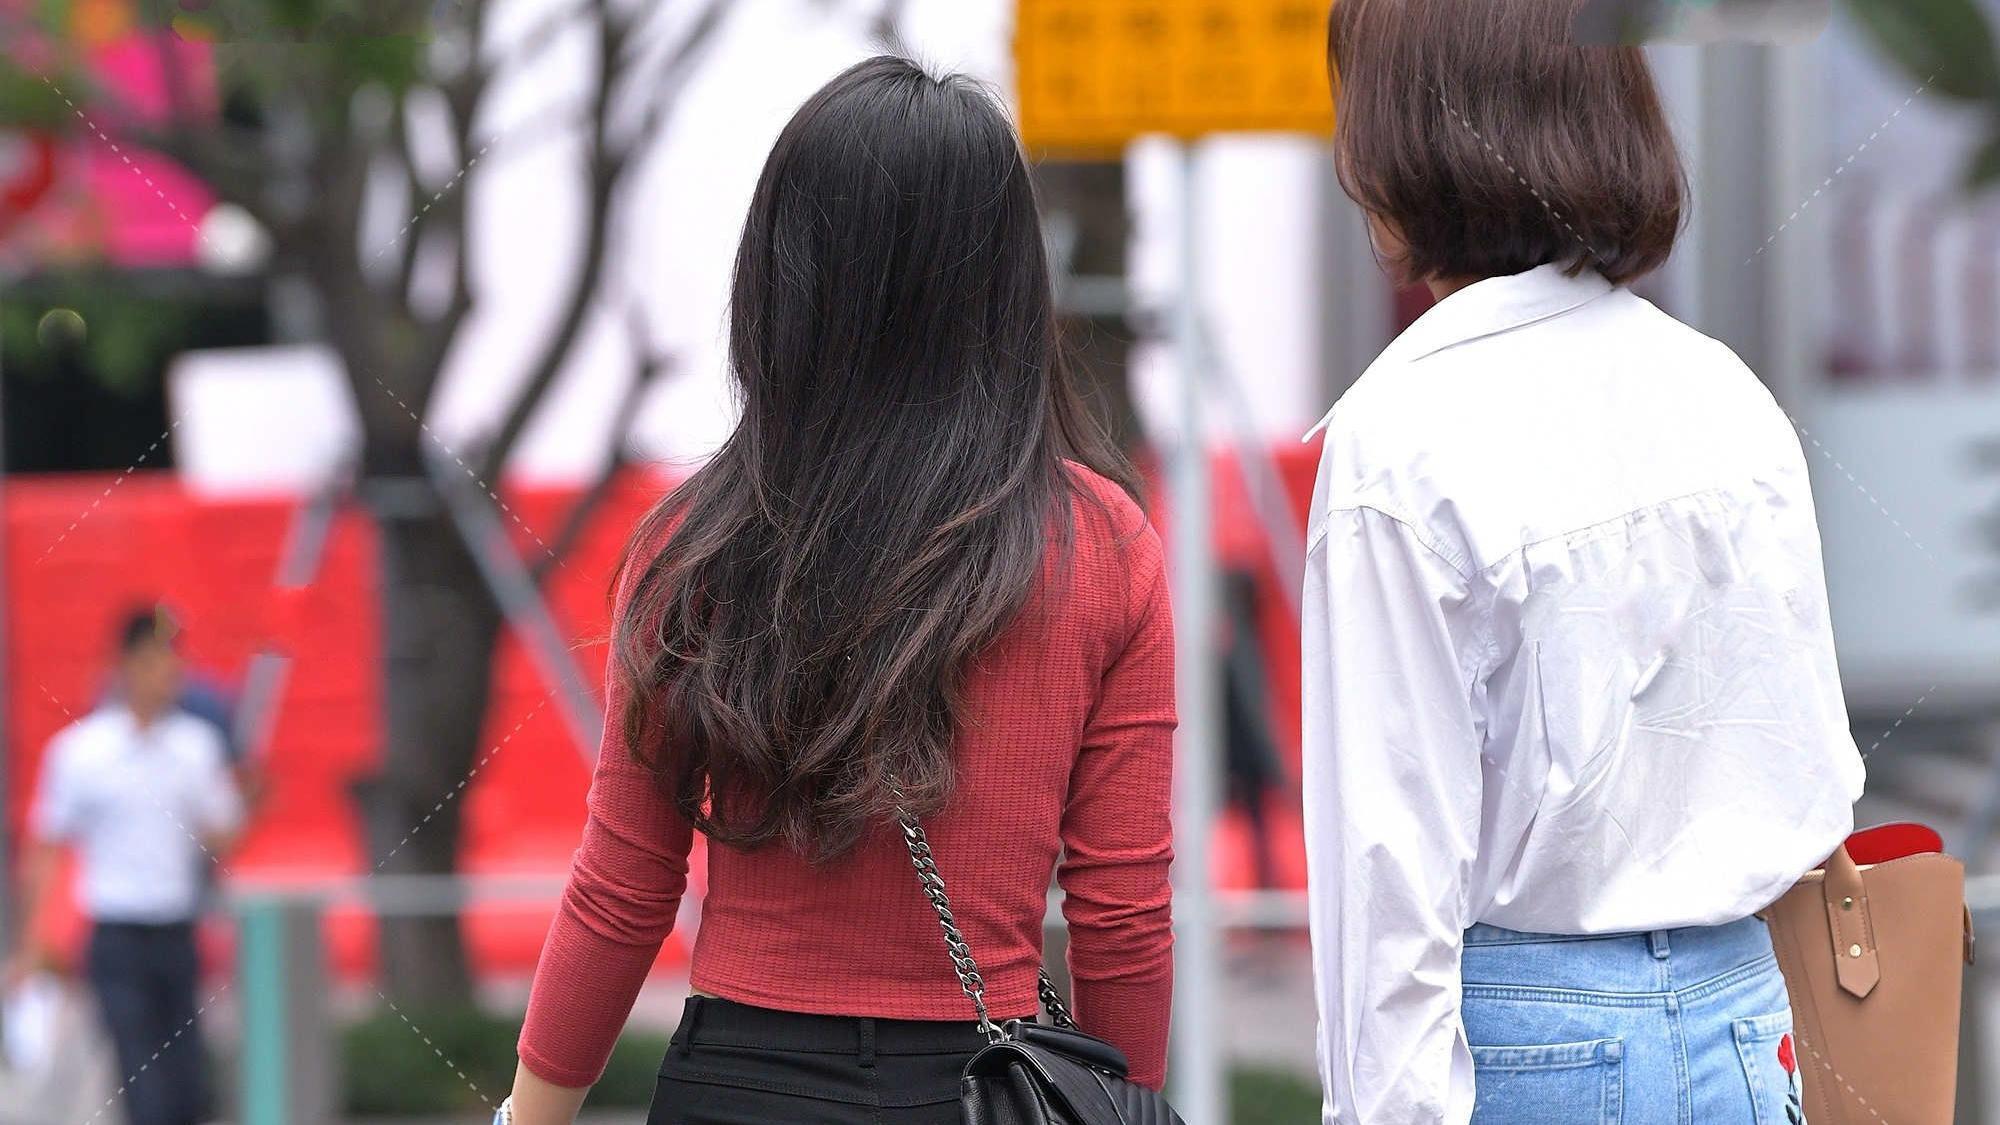 红色长袖配打底裤,色彩搭配温和正好,穿出时尚感